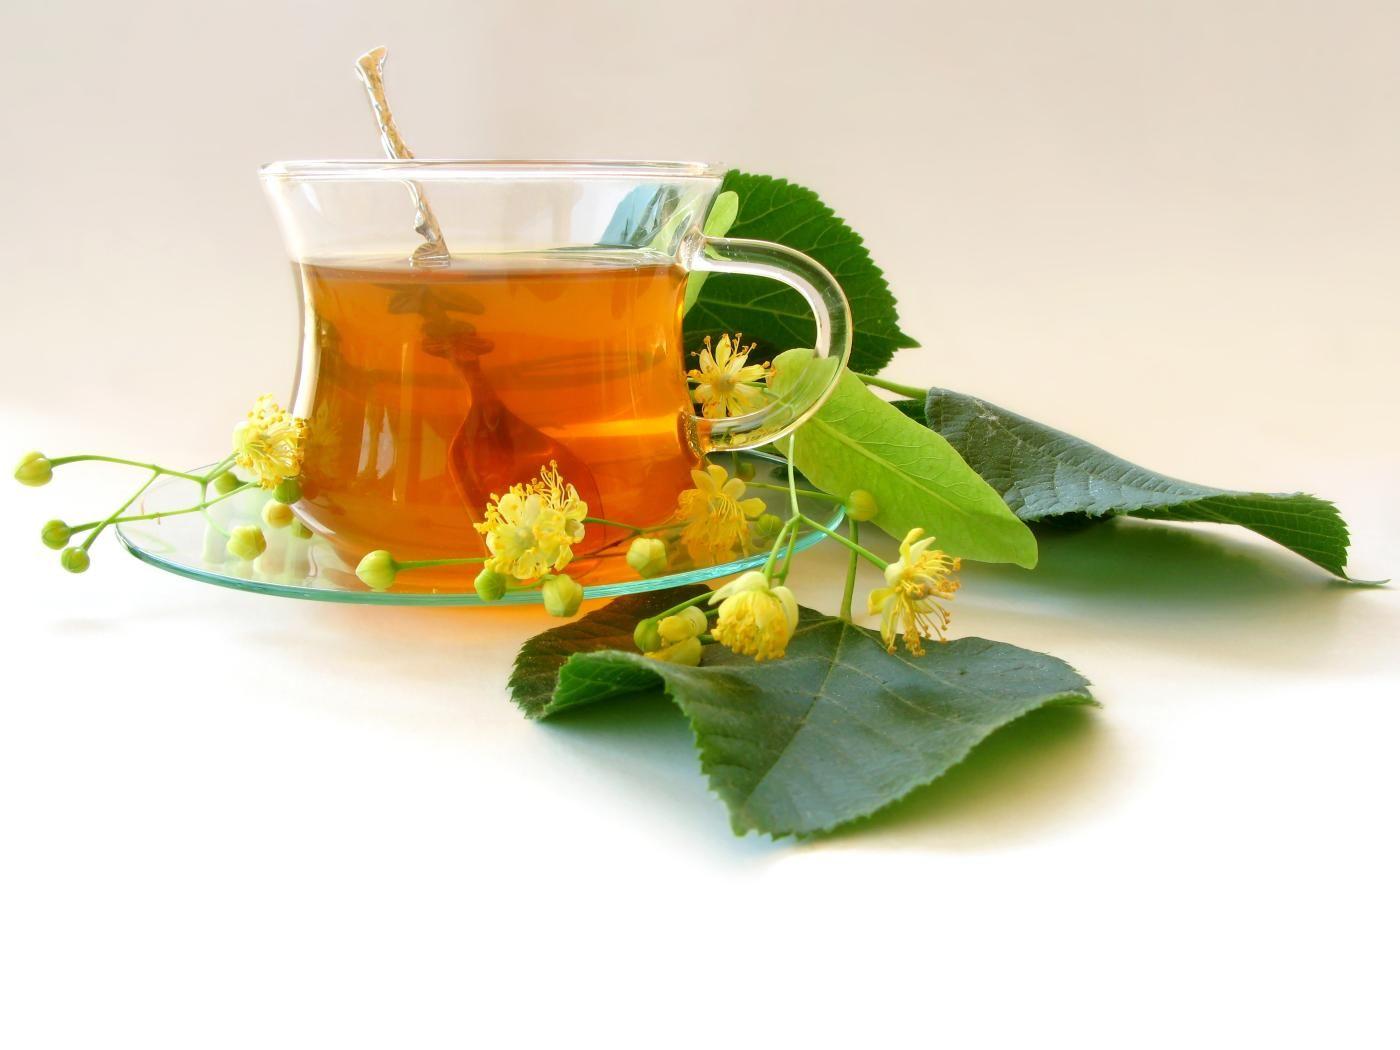 Ebru Şallı nın Bağışıklık Güçlendirici Çayı